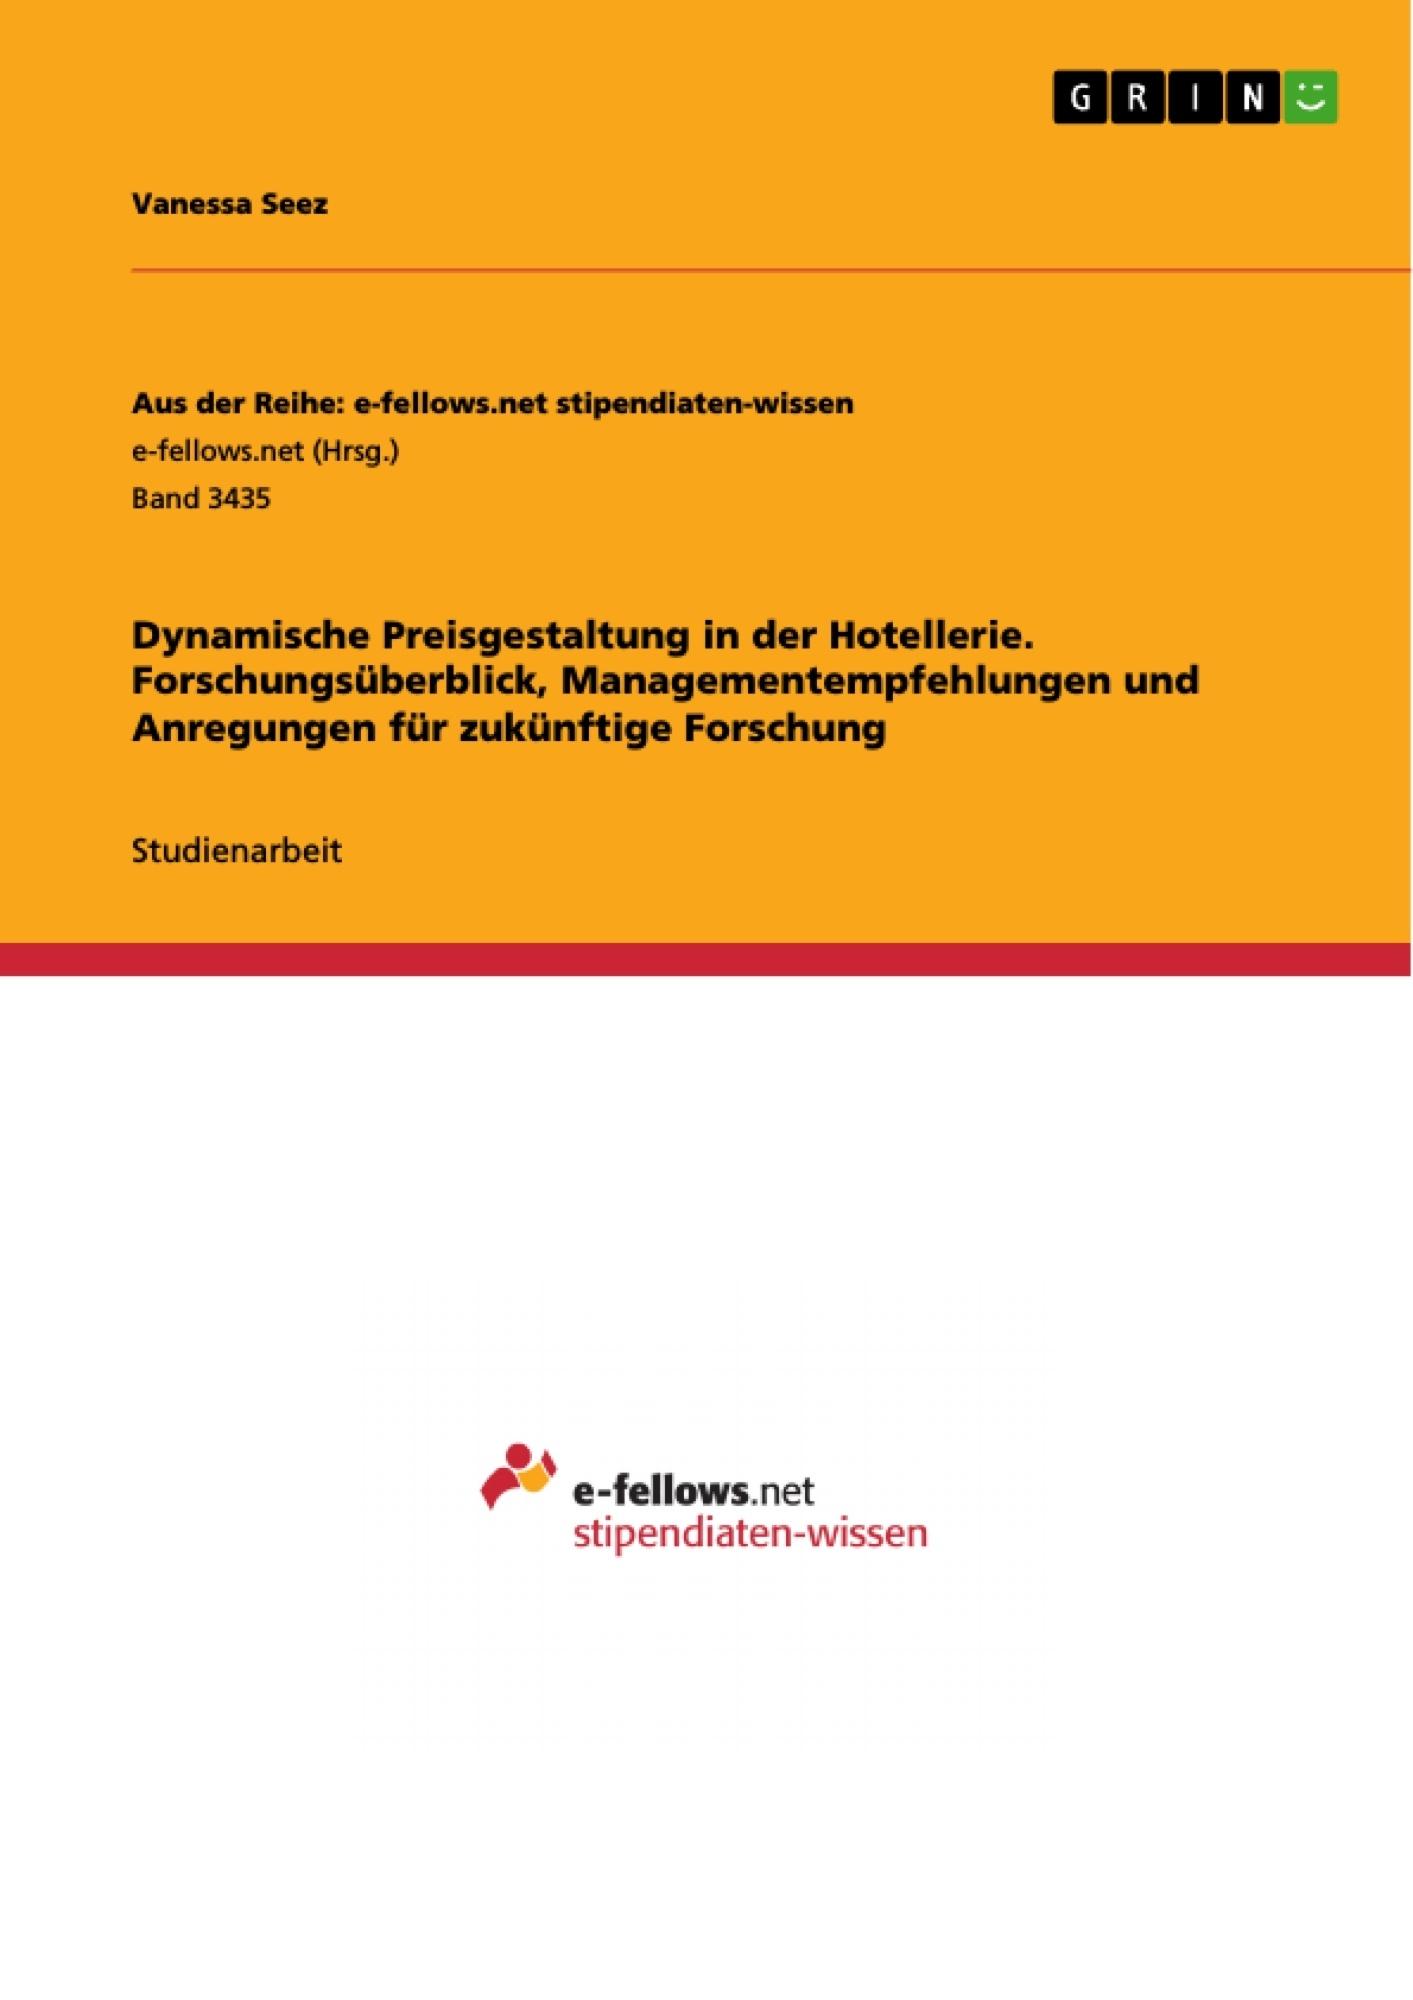 Titel: Dynamische Preisgestaltung in der Hotellerie. Forschungsüberblick, Managementempfehlungen und Anregungen für zukünftige Forschung